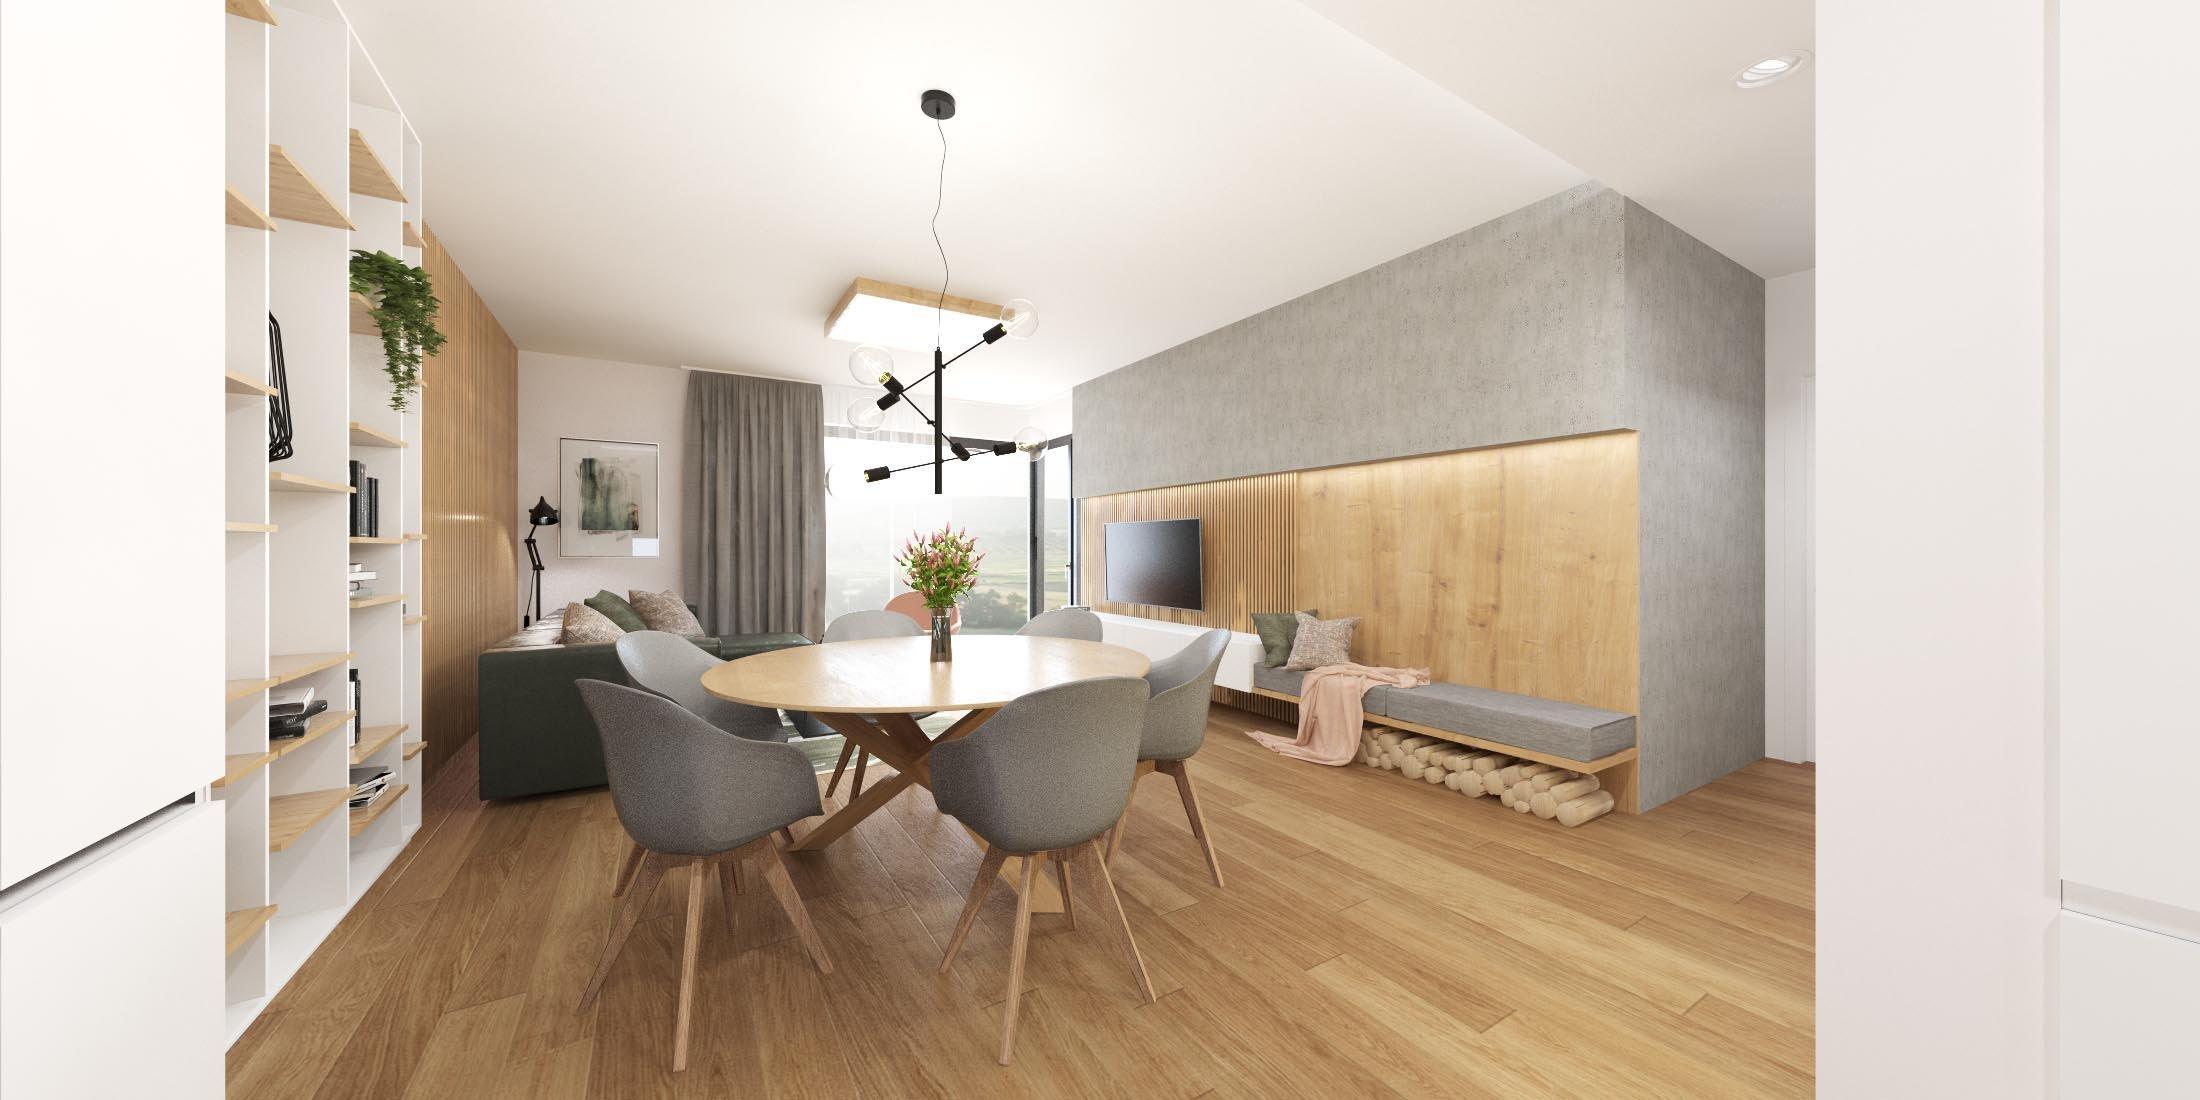 Nášprojekt z kategórie rodinných domov sme poňali veľmi elegantne a vzdušne. V interiéri prevládajú farebné akcenty v odtieňoch zelenej a ružovej, ktoré…